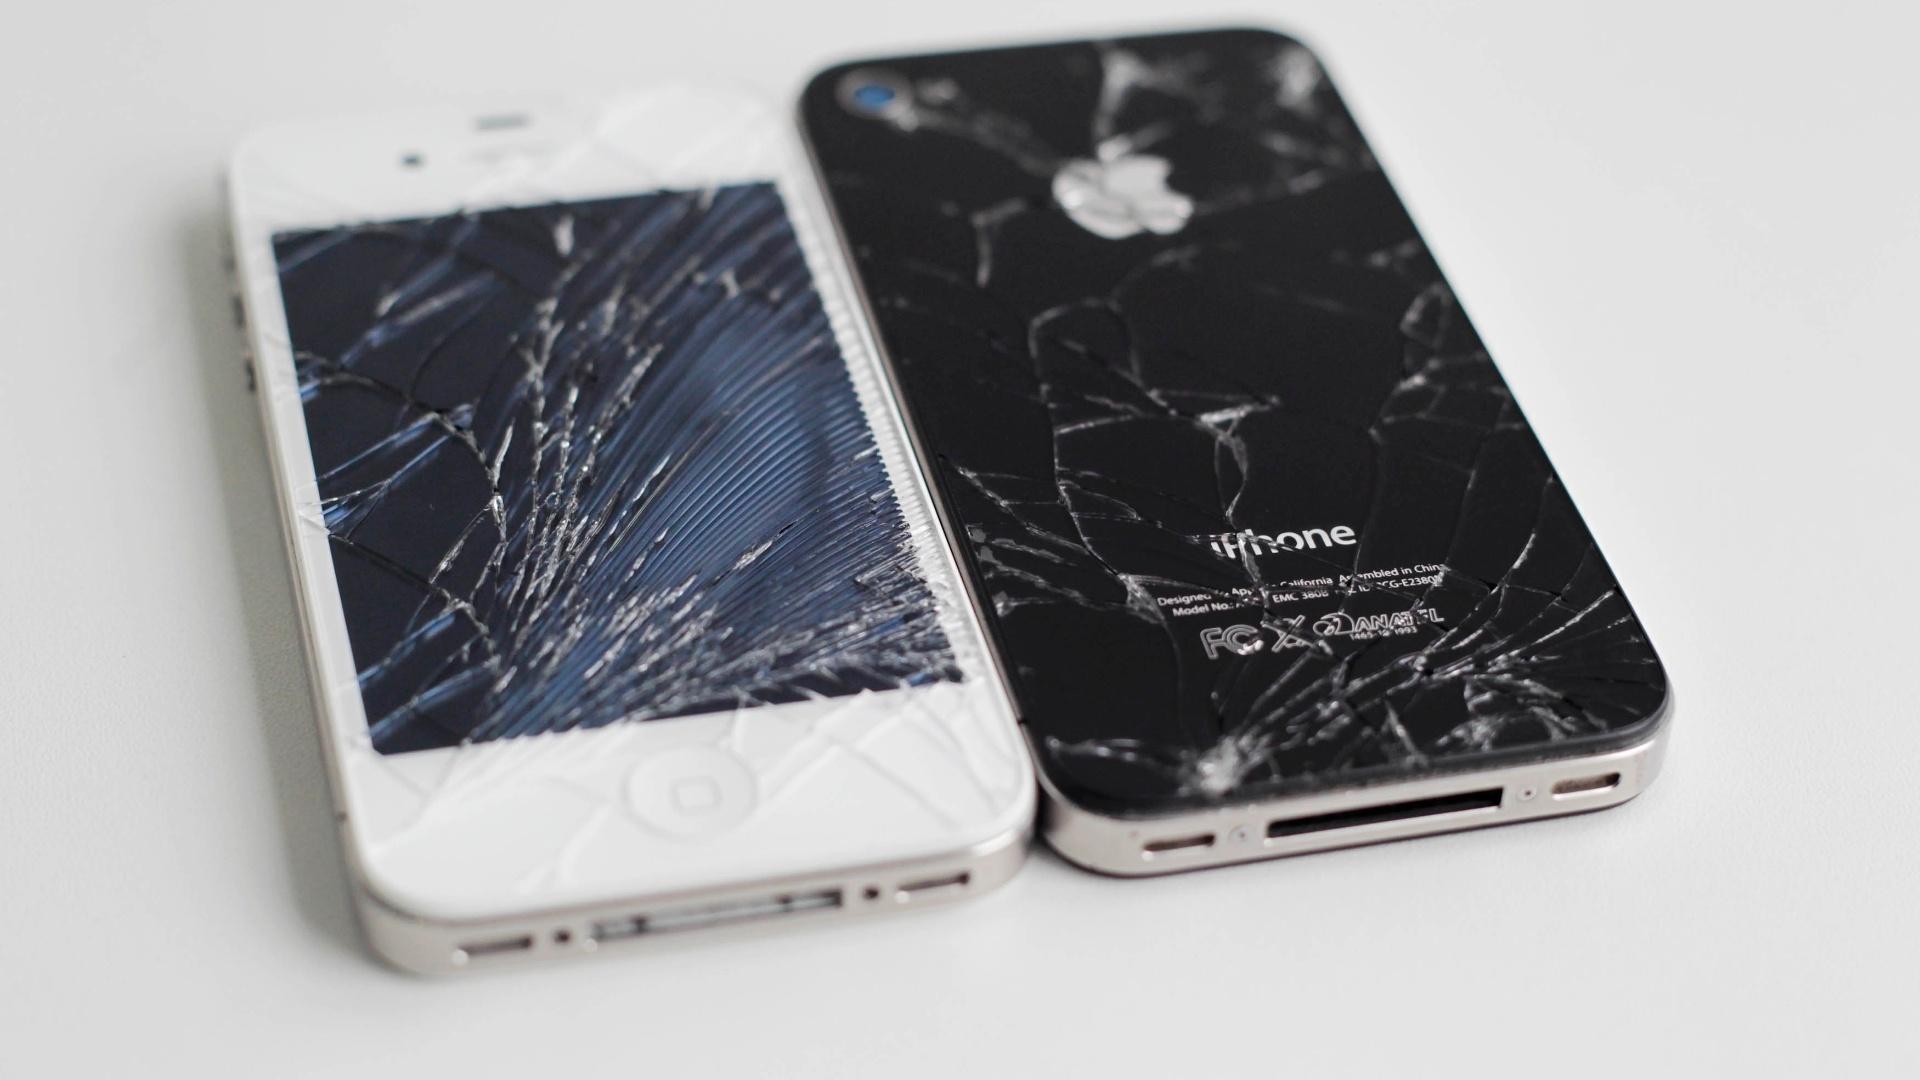 bbd05ed9c7e Seu iPhone quebrou? Saiba quanto custa salvar o smartphone e como  ''socorrê-lo'' - 18/10/2012 - UOL Tecnologia